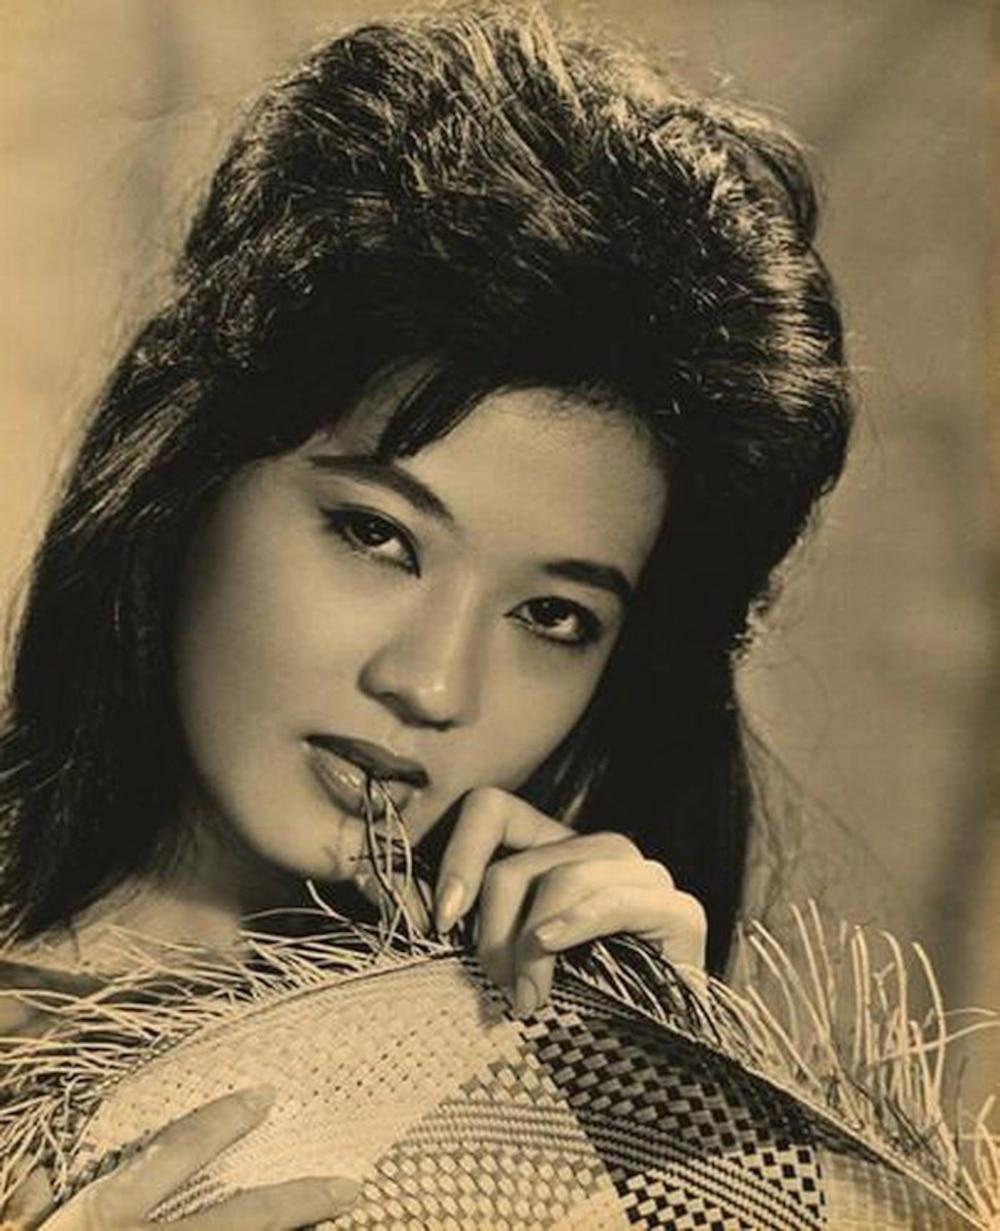 Xiêu lòng trước nhan sắc của dàn mĩ nhân thống trị showbiz Việt thập niên 1970 Ảnh 1